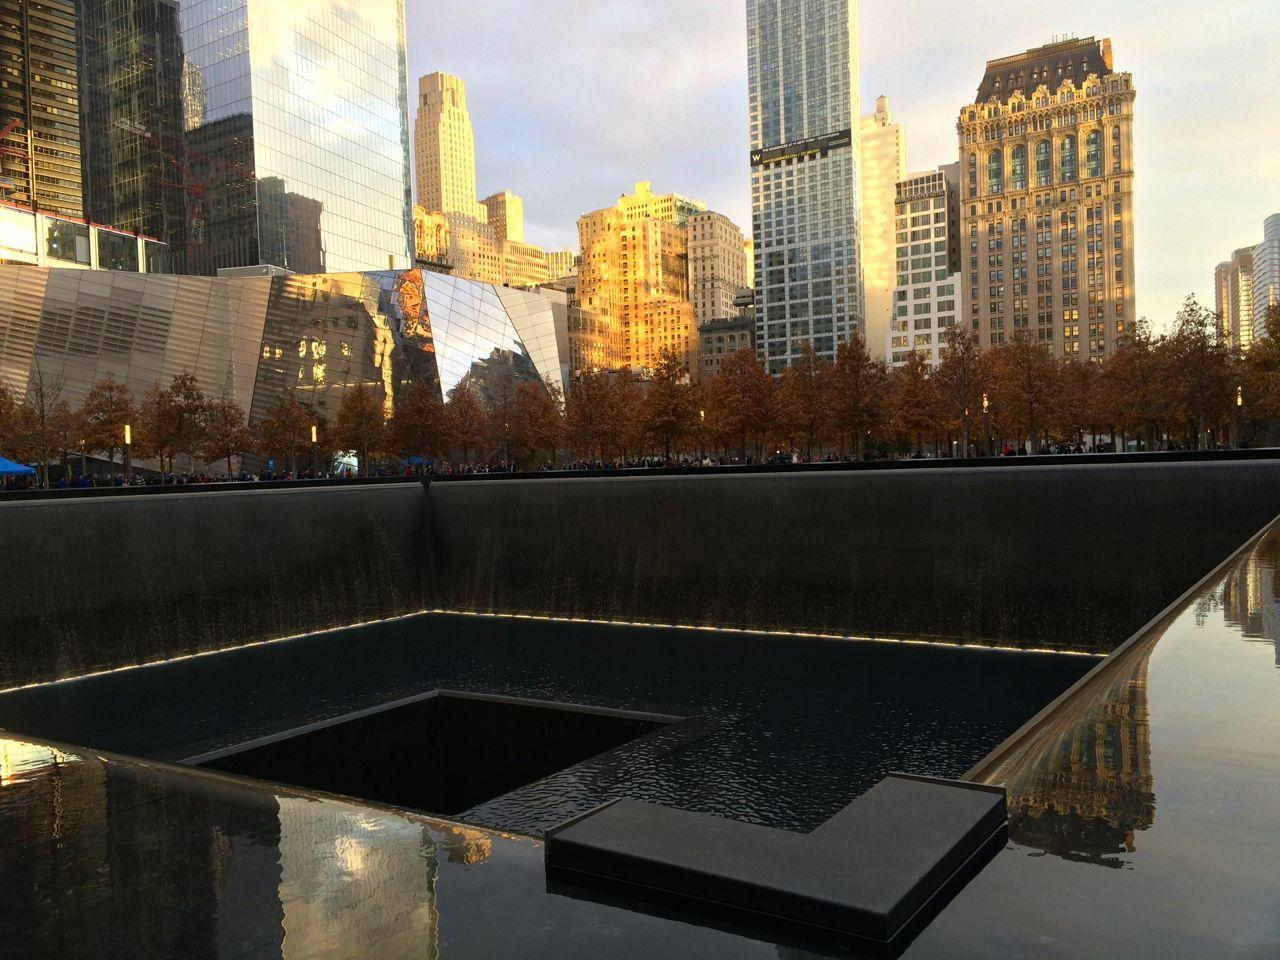 9/11 Memorial Reflecting Pools